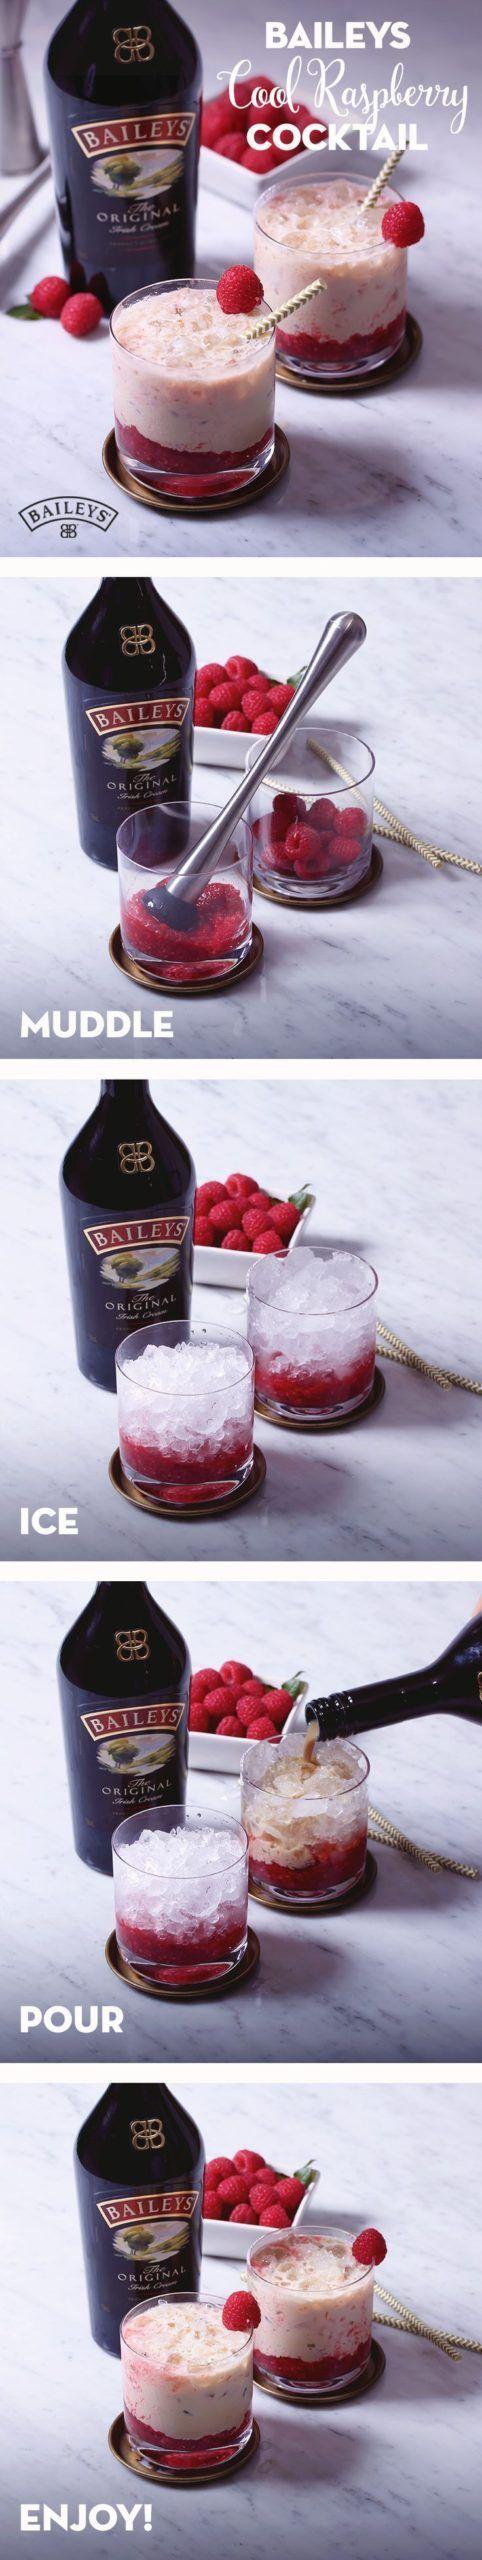 kokteyl tarifleri #kokteyltarifleri Dreitgiges Wochenende steht an? Versen Sie Ihren freien Tag mit diesem einfachen und ..., #diesem #Dreitgiges #einfachen #freien #Ihren #mit #Sie #steht #Tag #und #